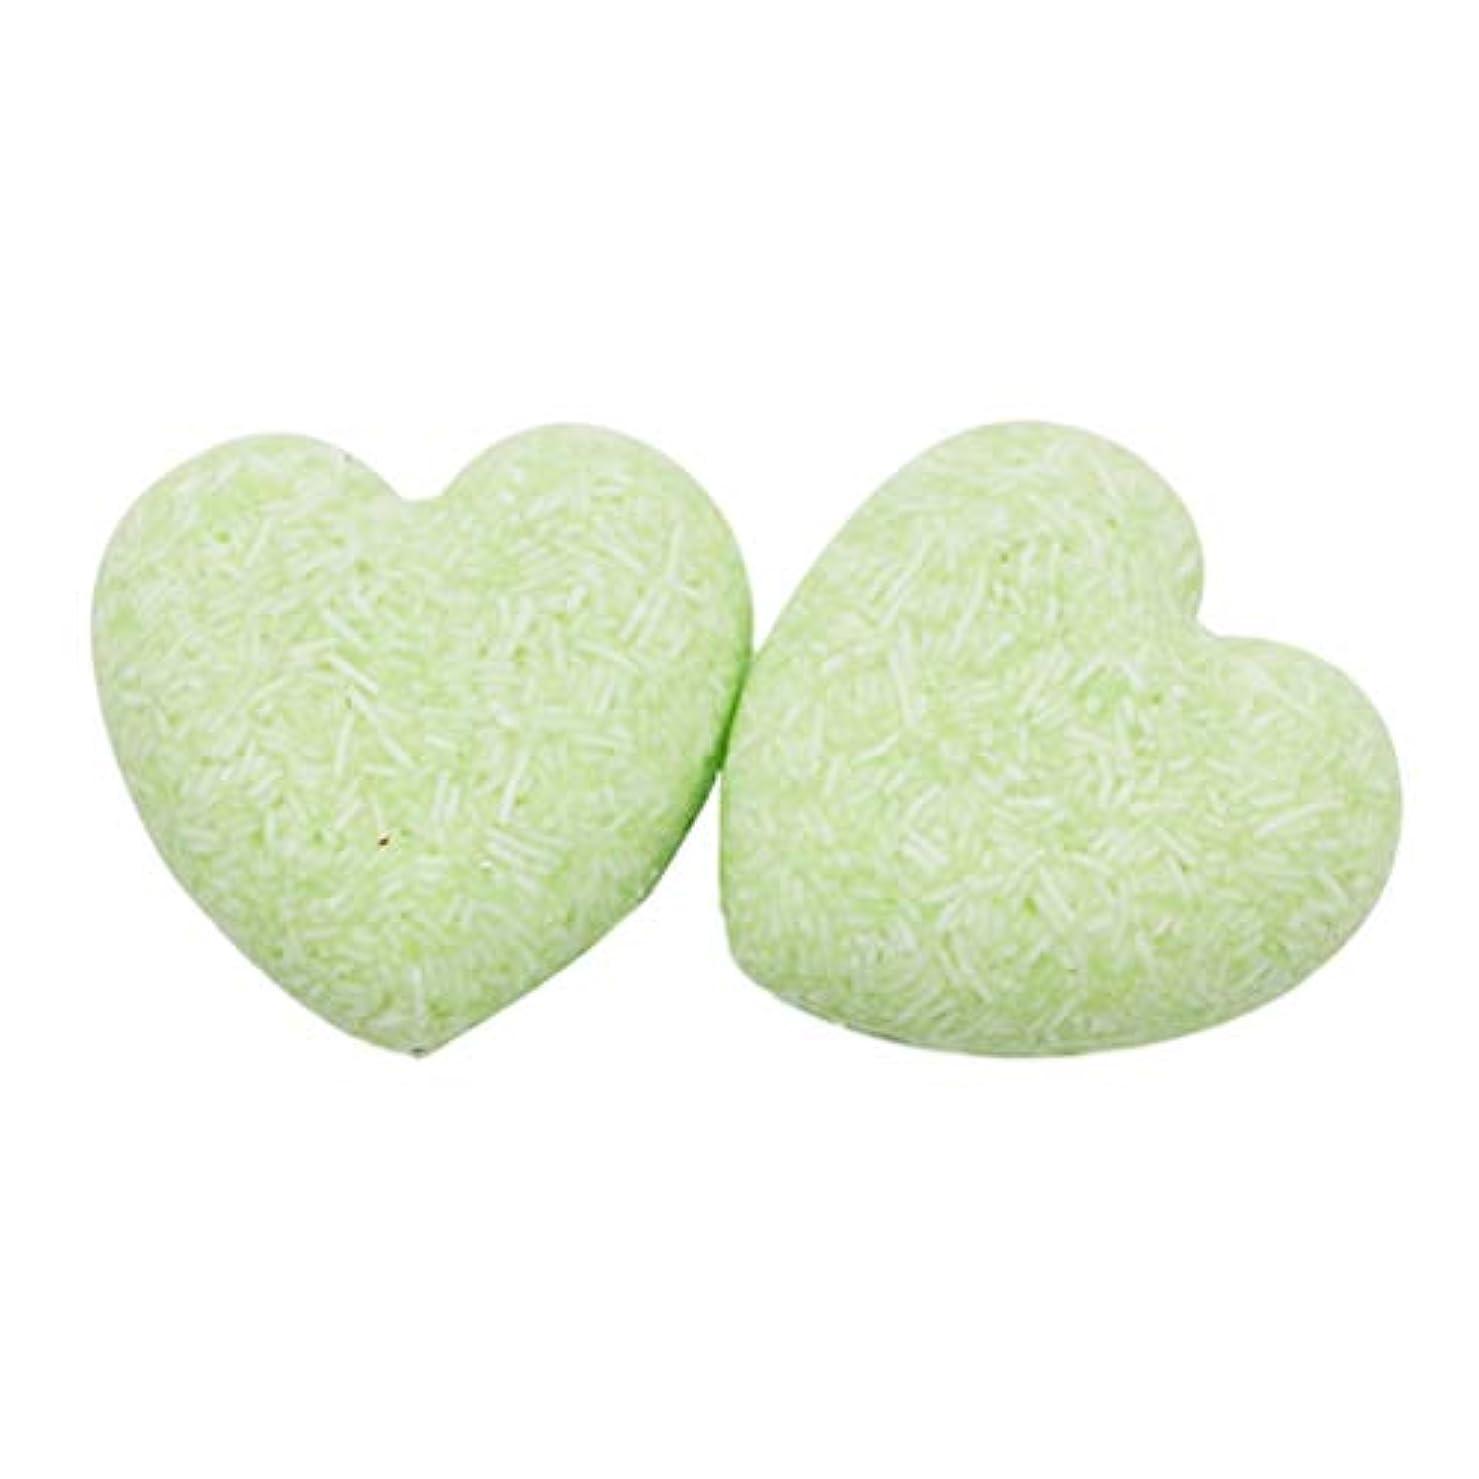 スタック流体賛美歌Lurrose 2ピースヘアシャンプーバー石鹸栄養オイルコントロール育毛石鹸